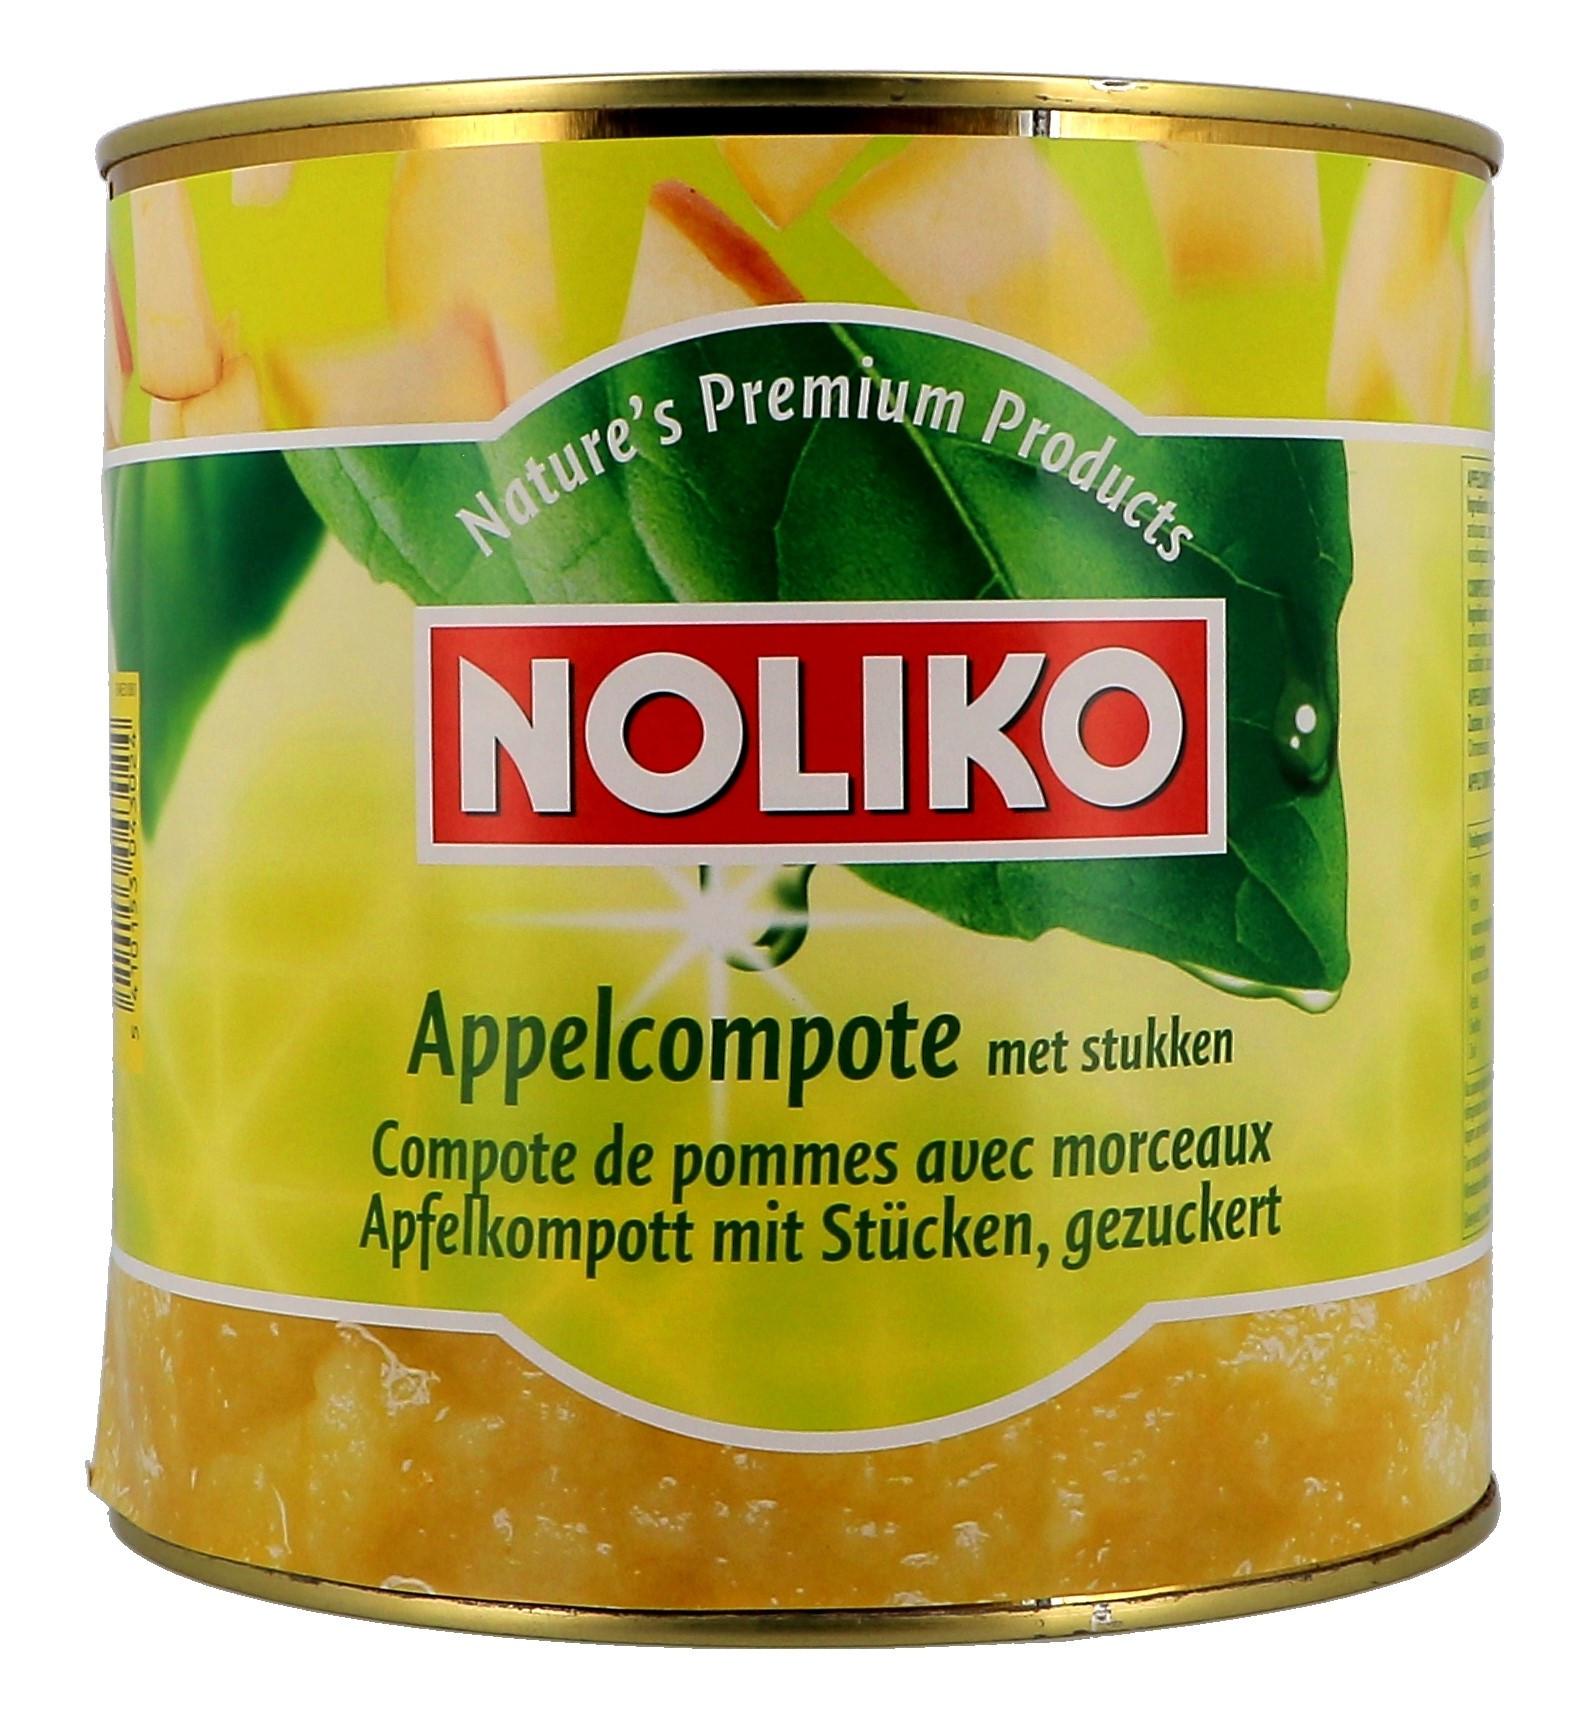 Noliko Compote de pommes avec morceaux 2650gr en boite 3L